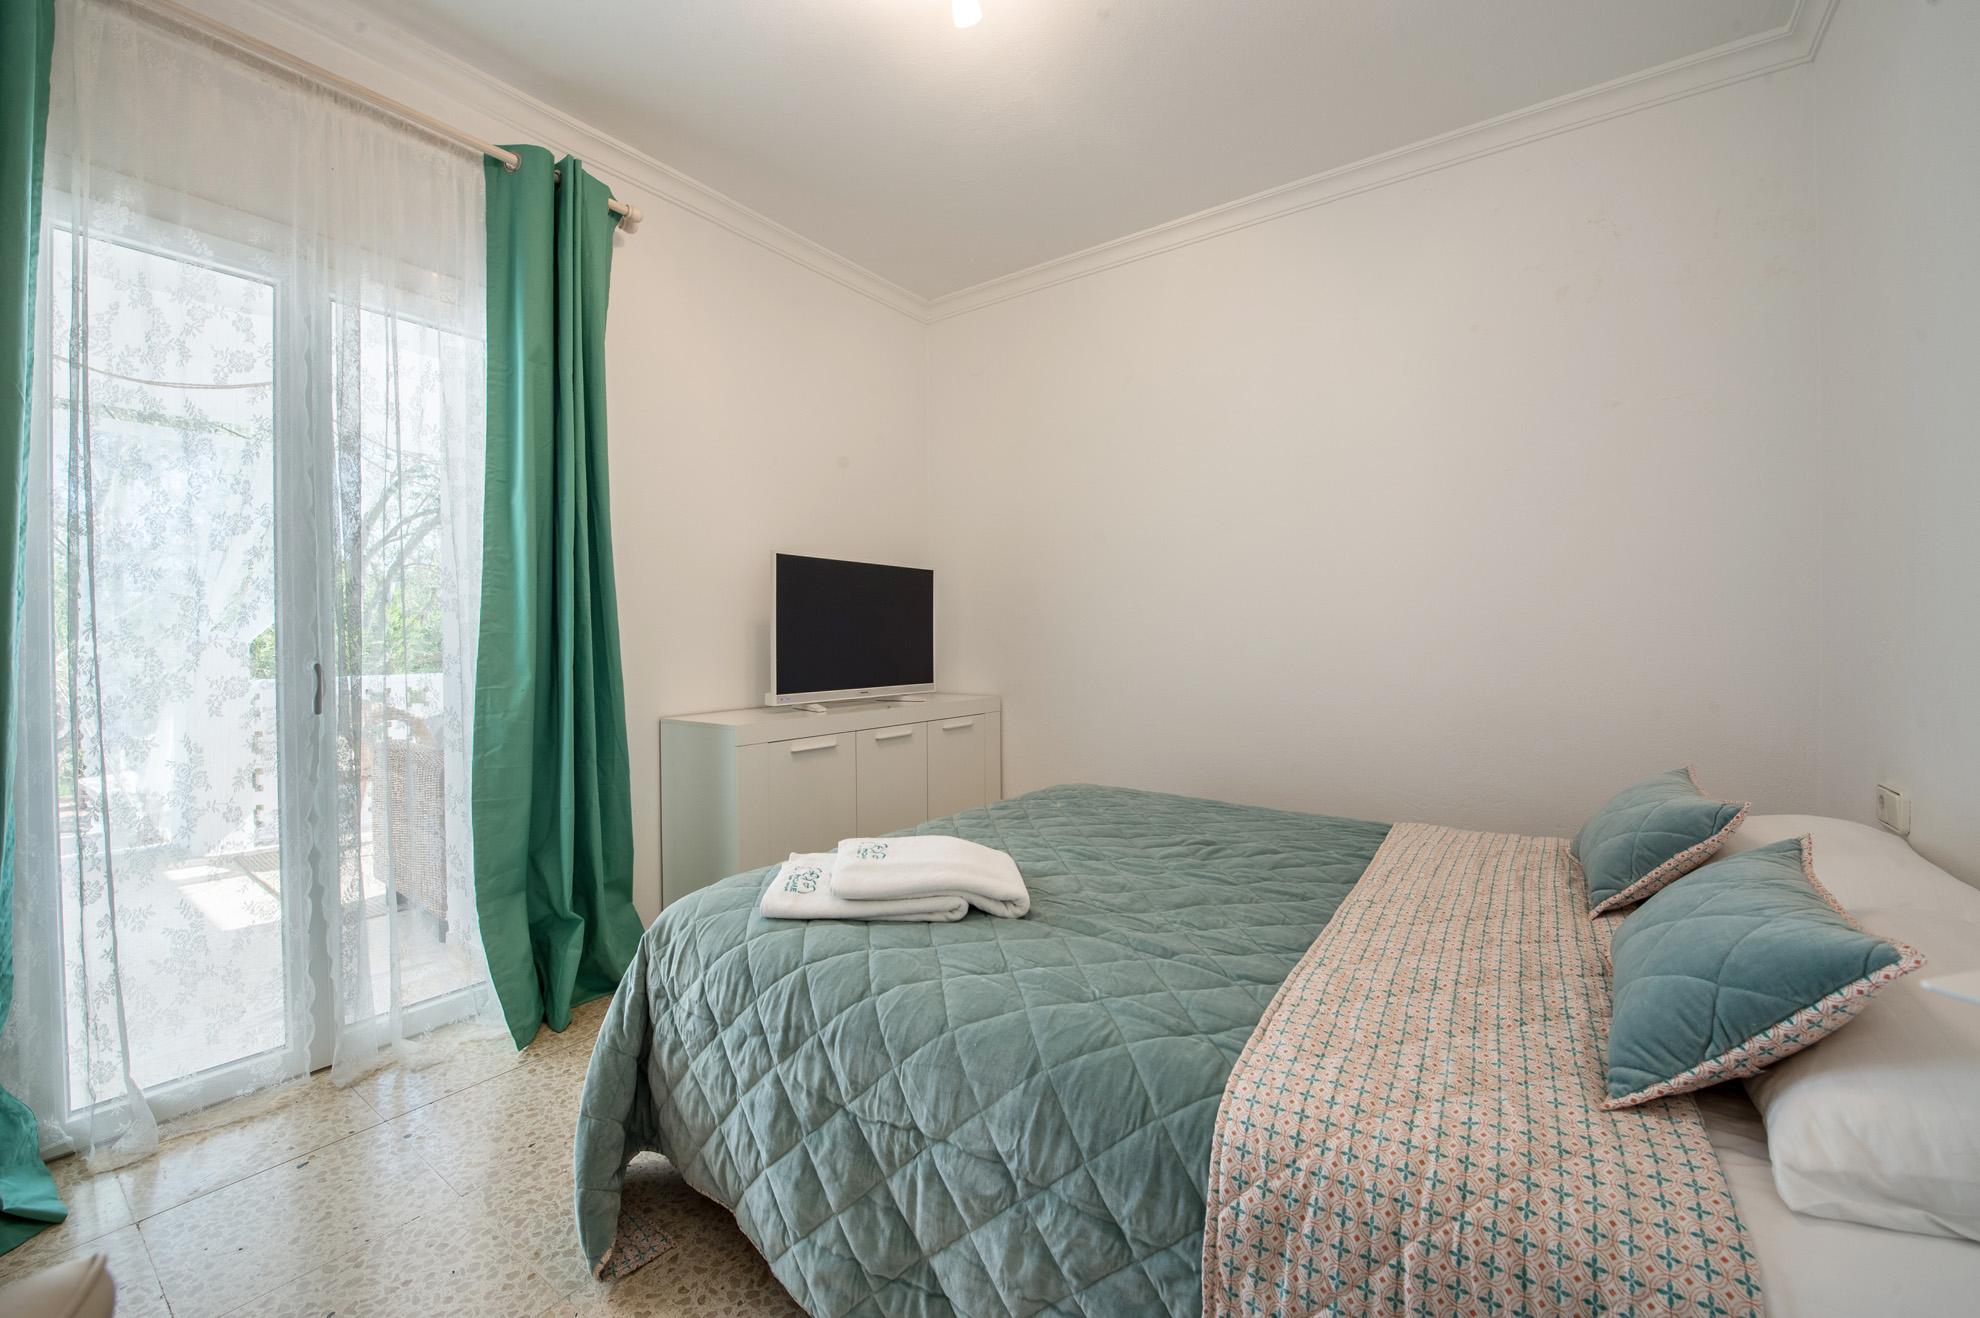 Маленькая спальня с ТВ